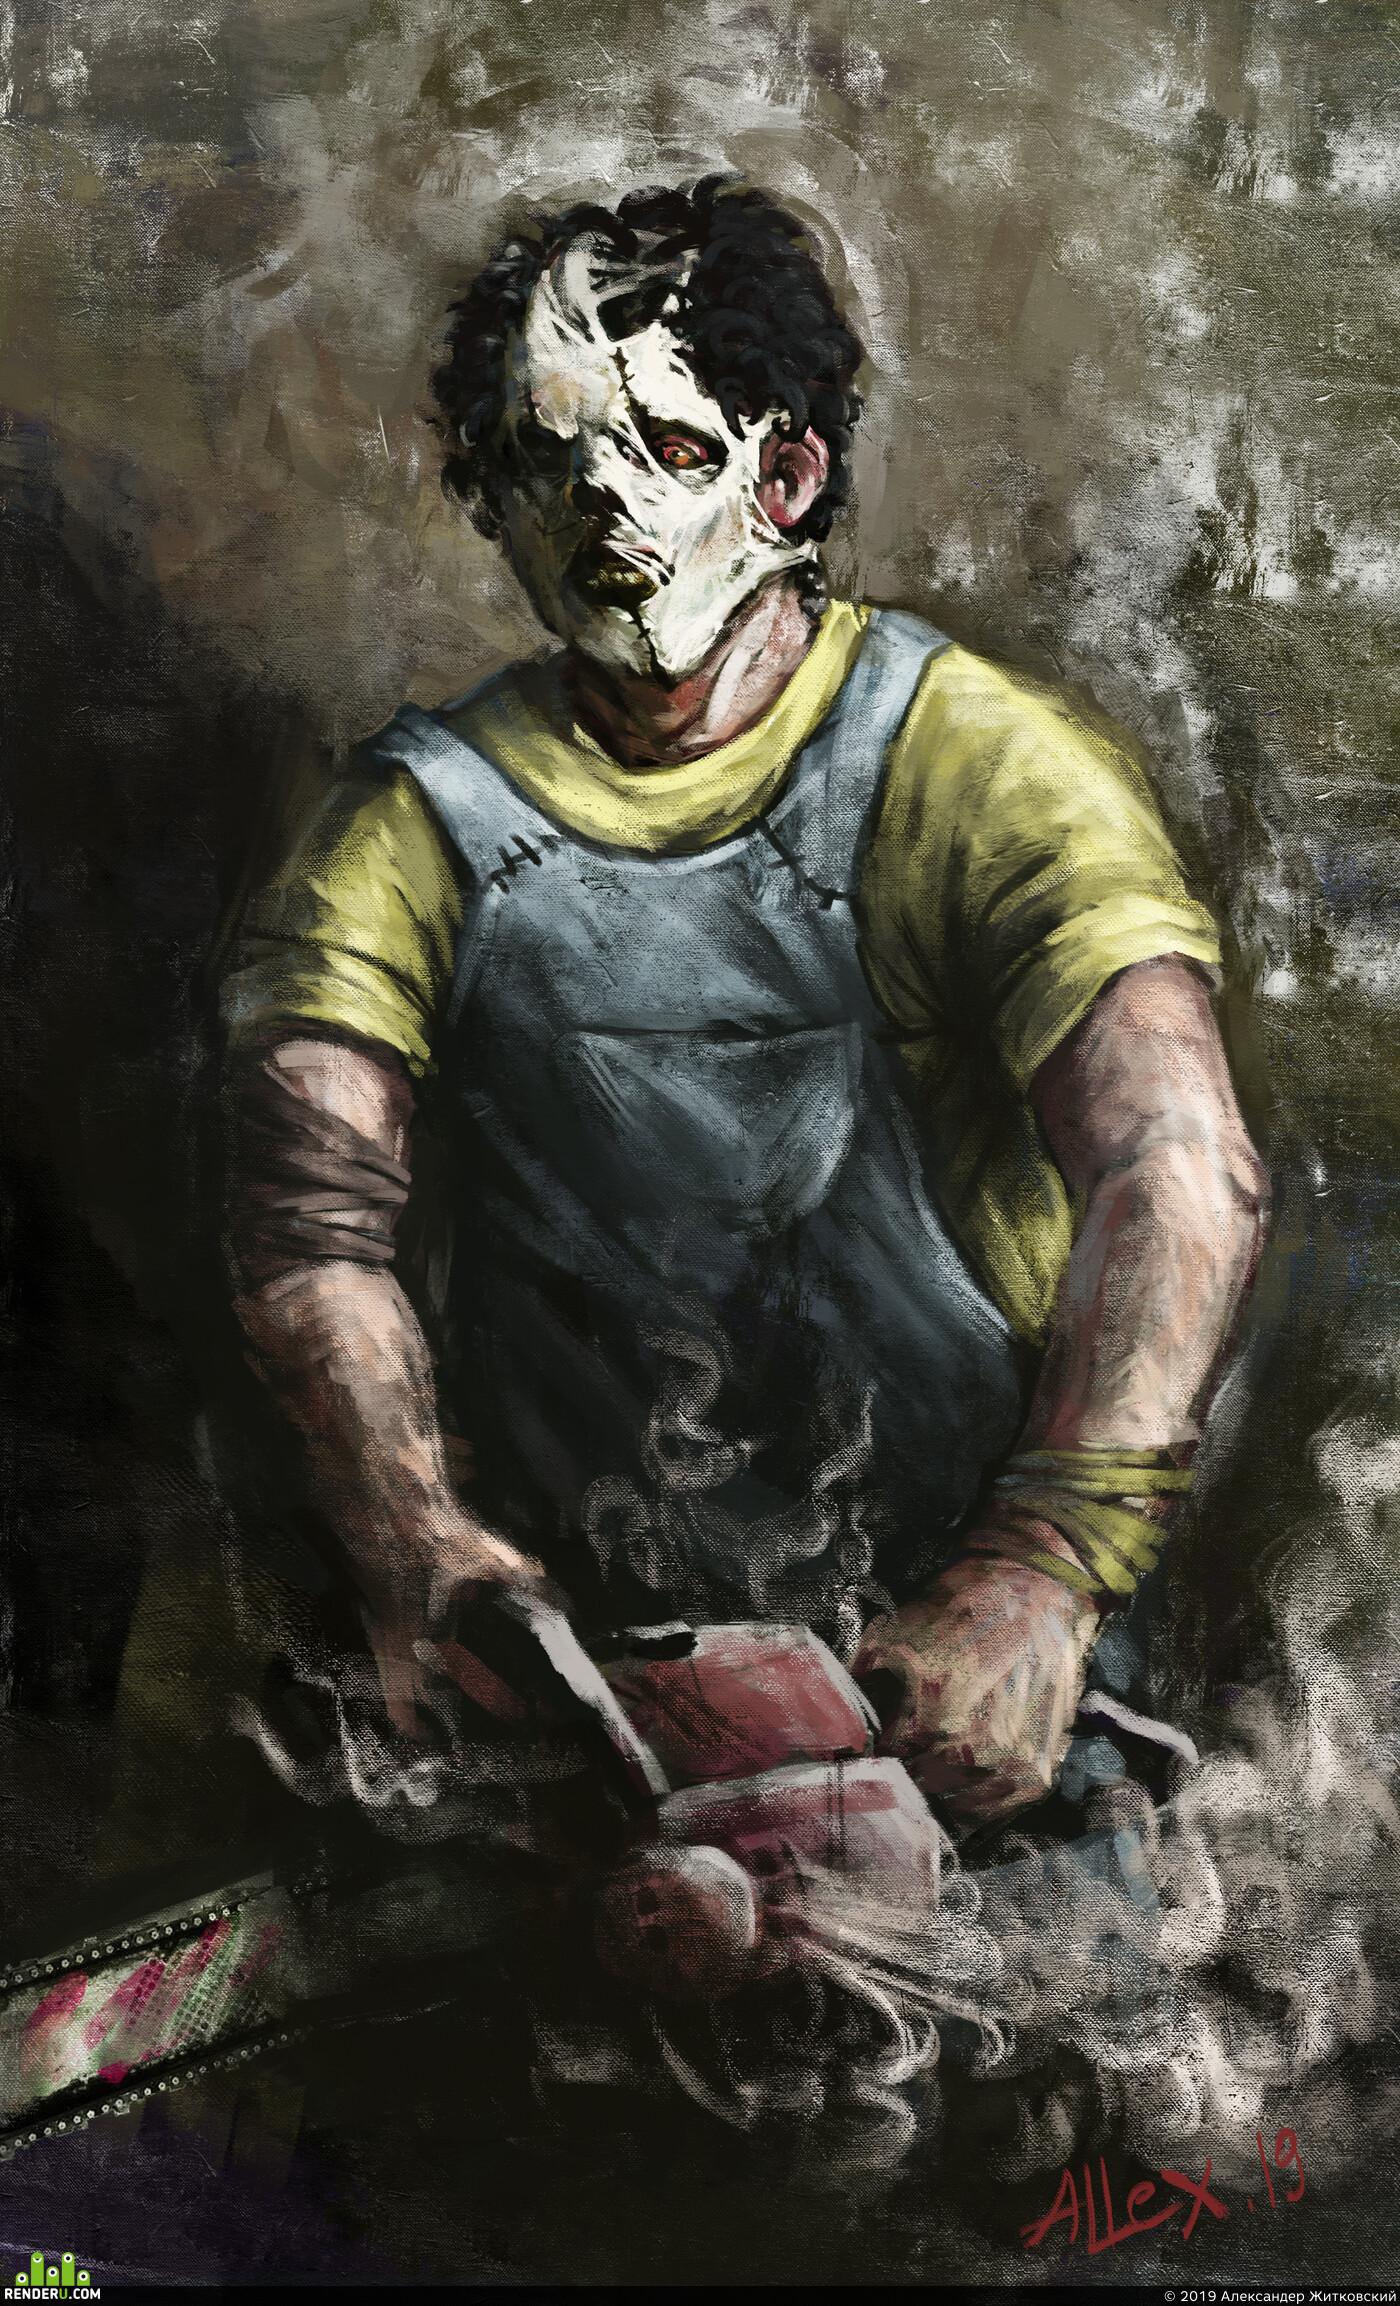 Картун (Cartoon), art, monster, Leatherface